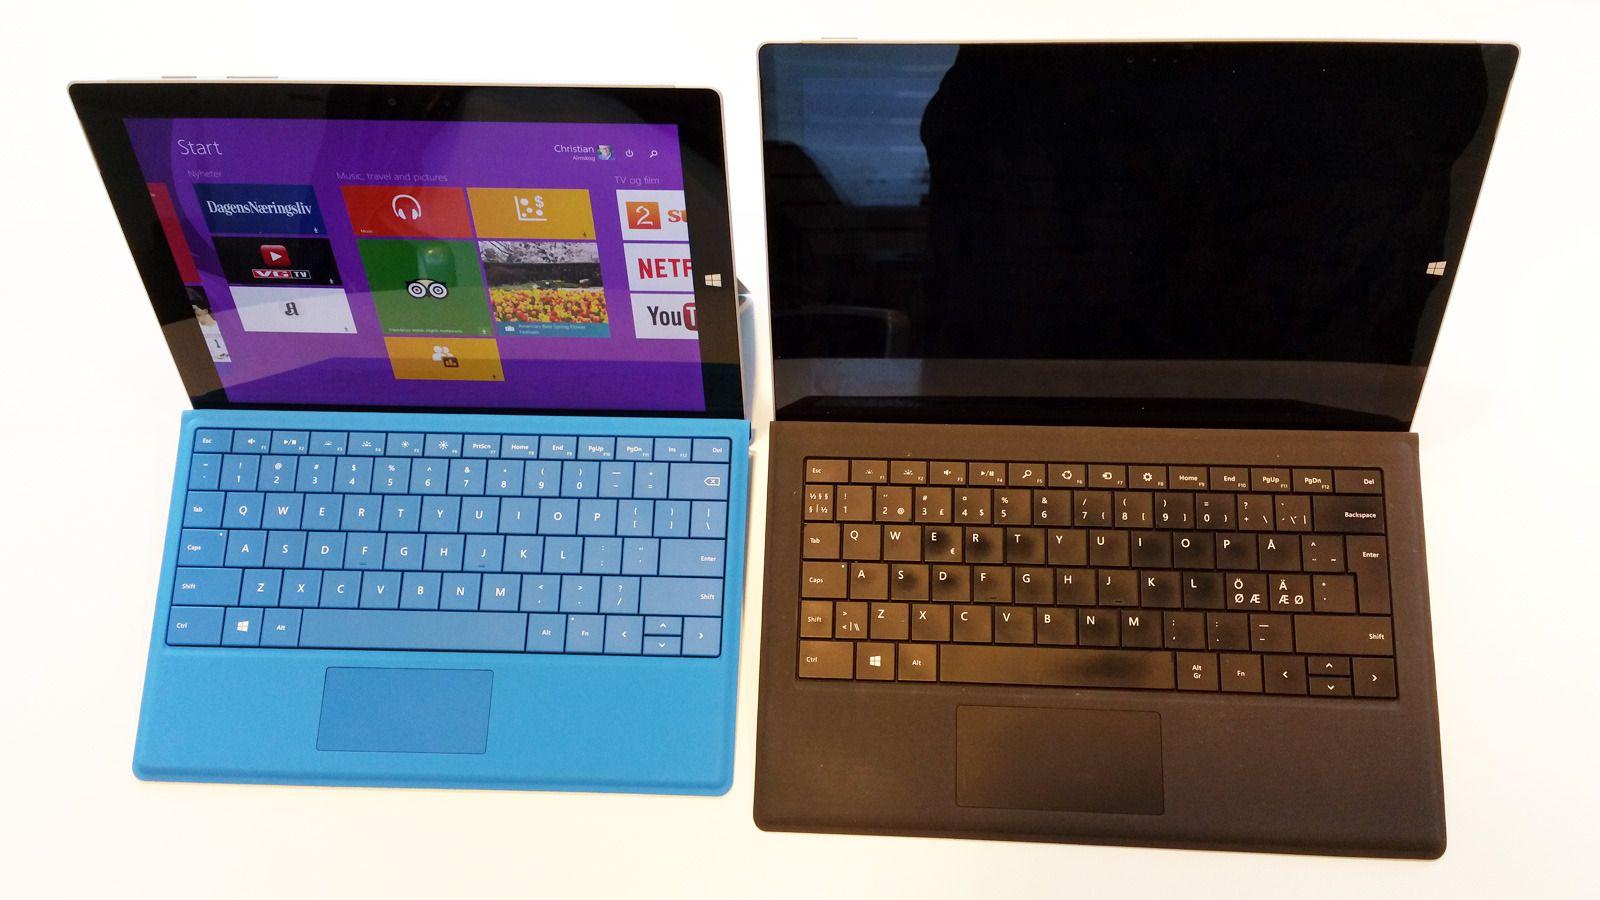 Microsoft Surface Pro 3 (til høyre) har fått en lillebror. Den er atskillig rimeligere, men kjører likevel full Windows 8.1, og har samme skjermpenn som Pro-modellen. Foto: Espen Irwing Swang, Tek.no